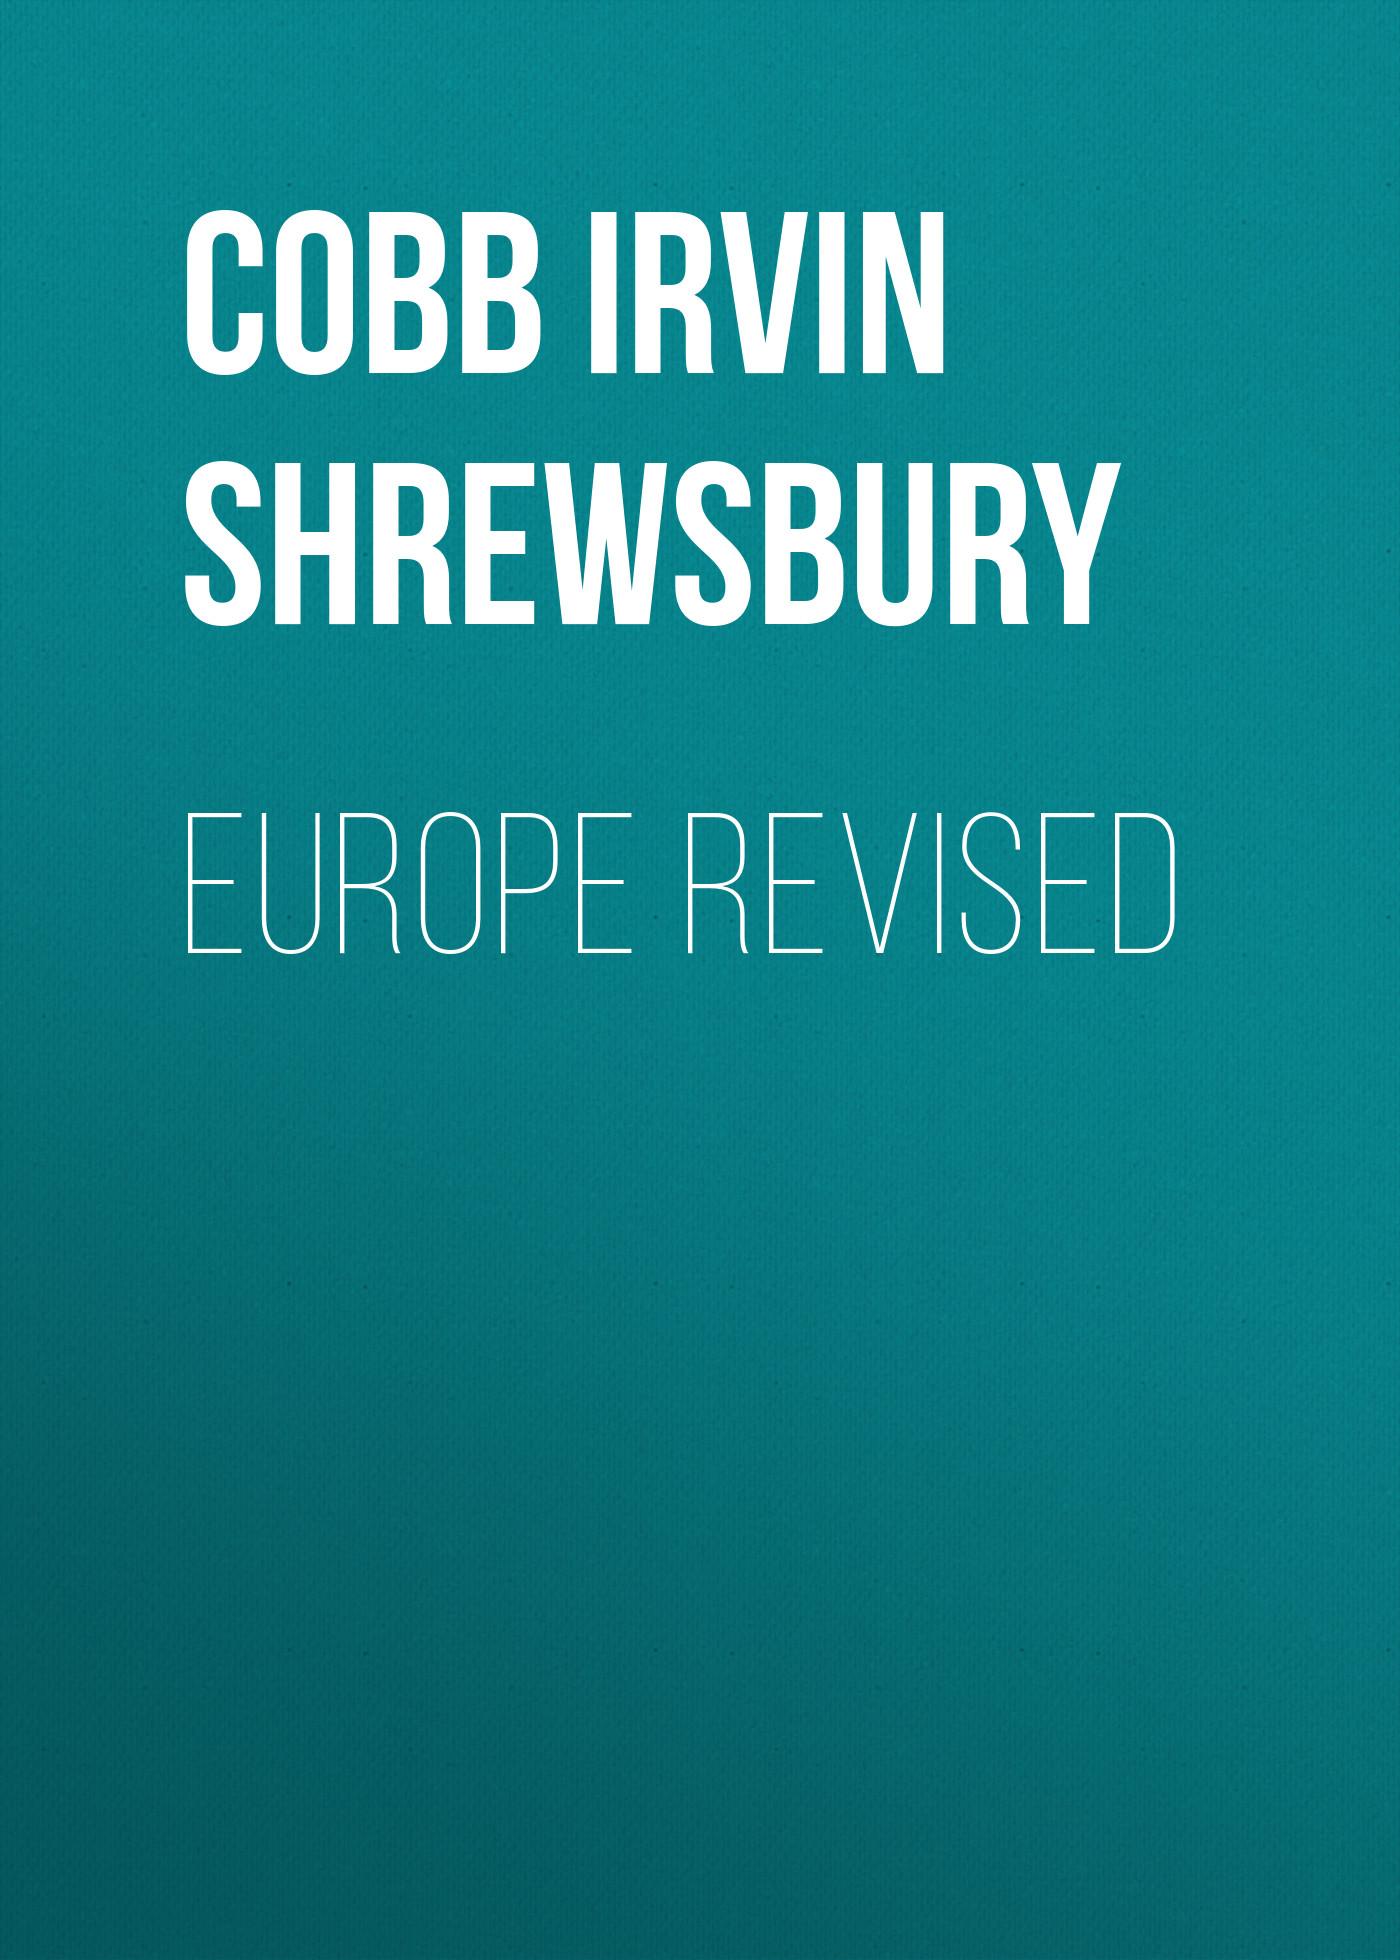 Cobb Irvin Shrewsbury Europe Revised цена в Москве и Питере